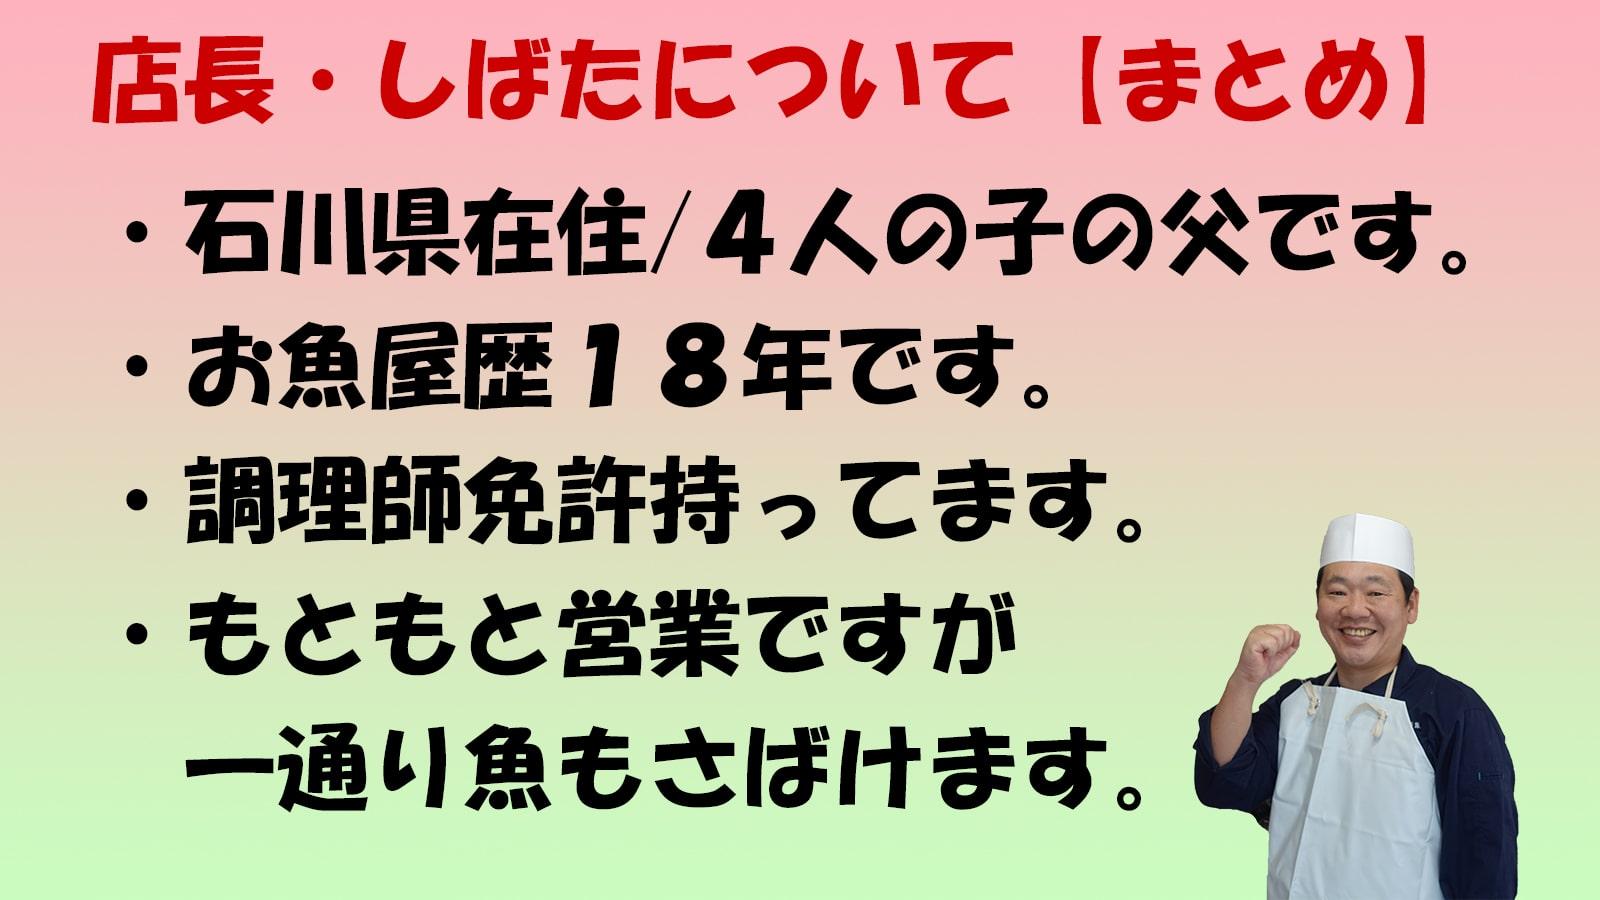 店長柴田についてまとめ